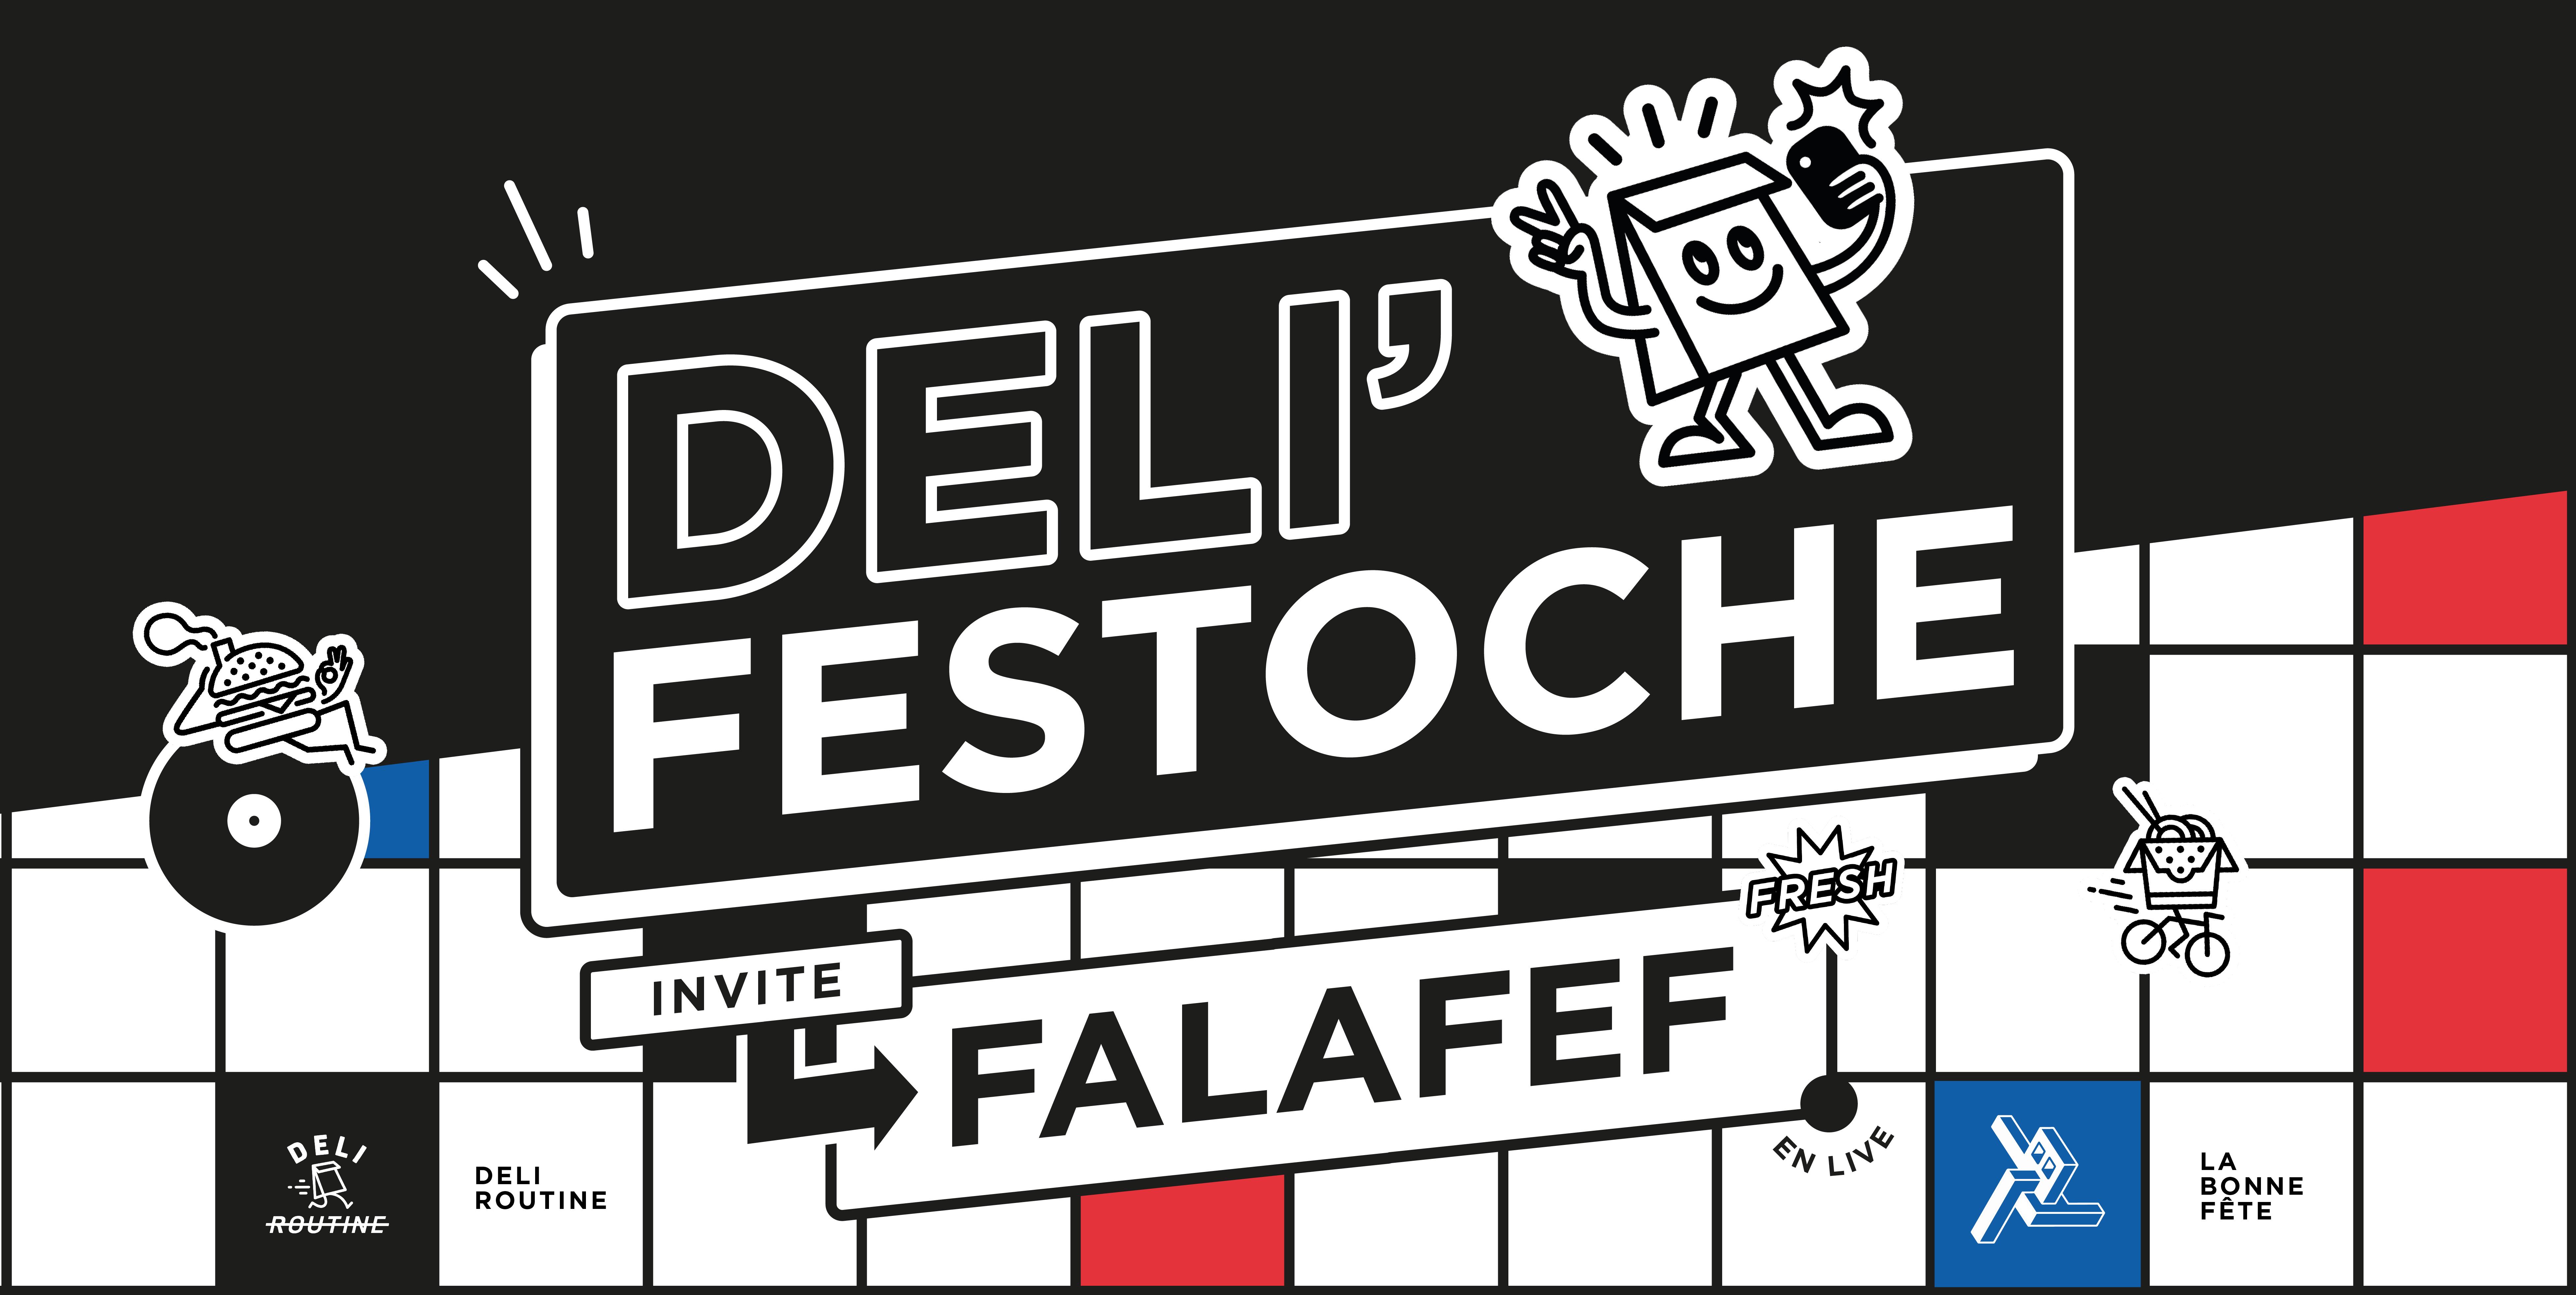 Déli'festoche #1 – Disco burgers avec Falafef !